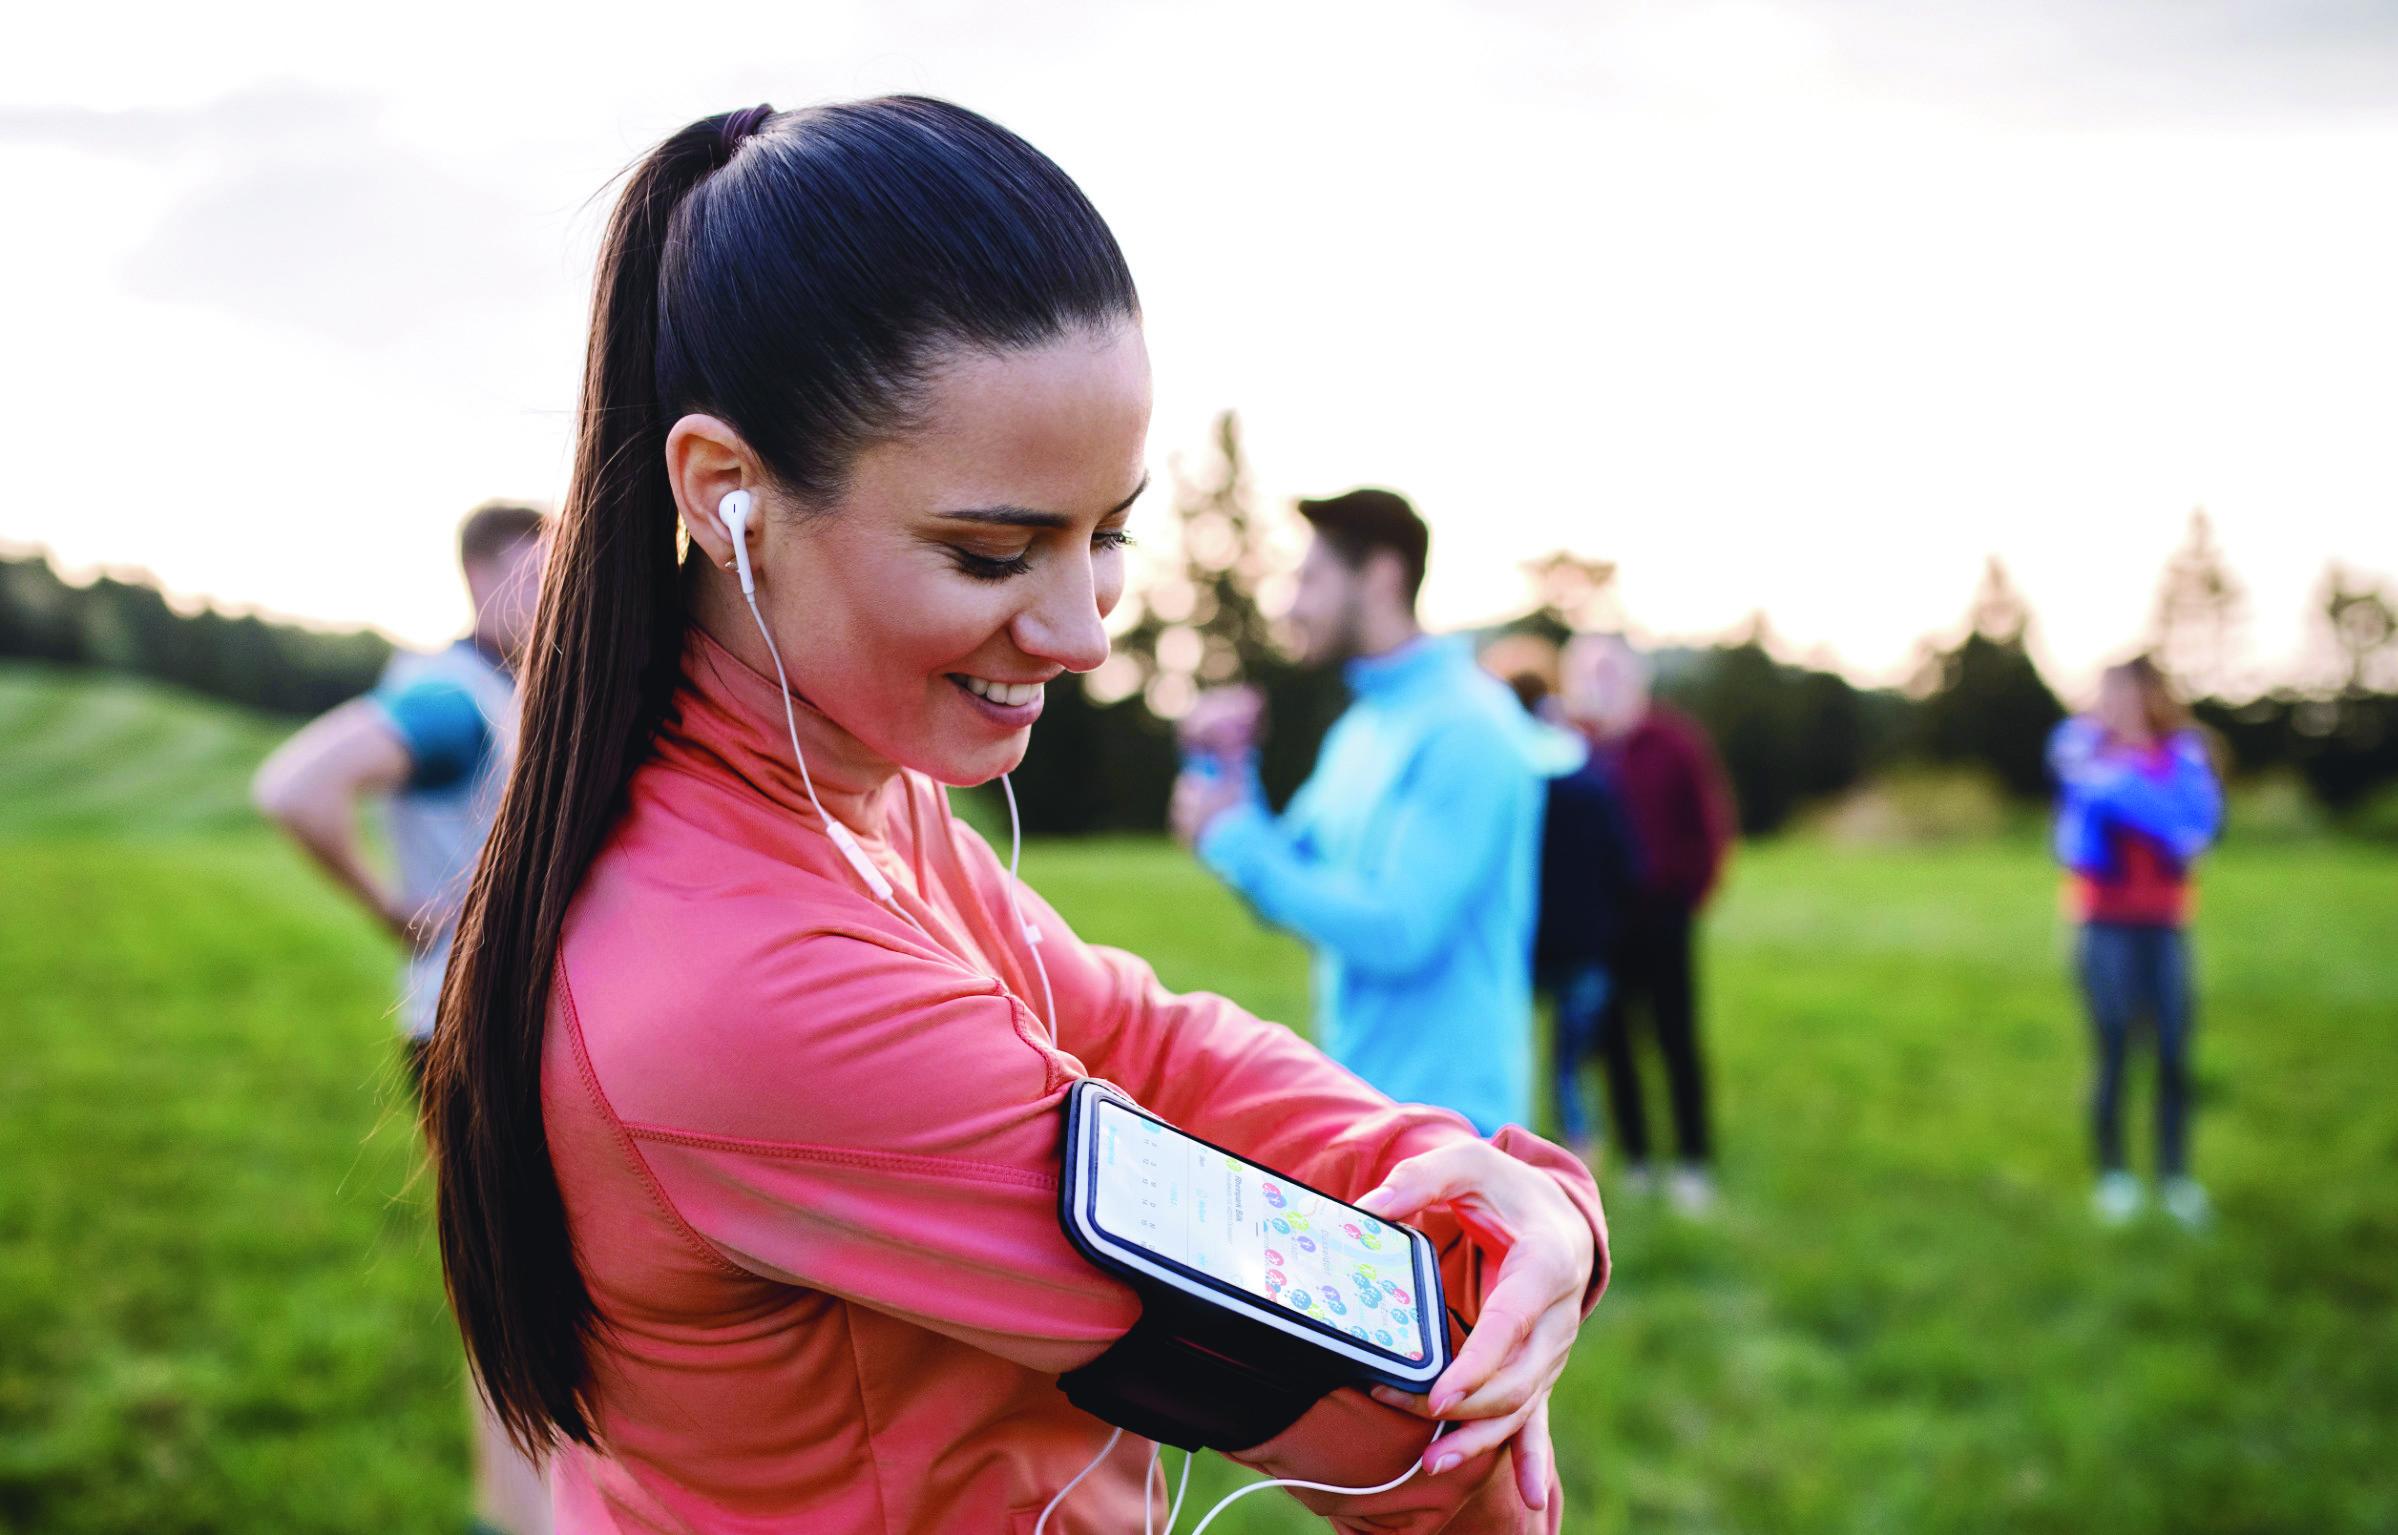 Junge Frau mit Sportgruppe nutzt Smartphone